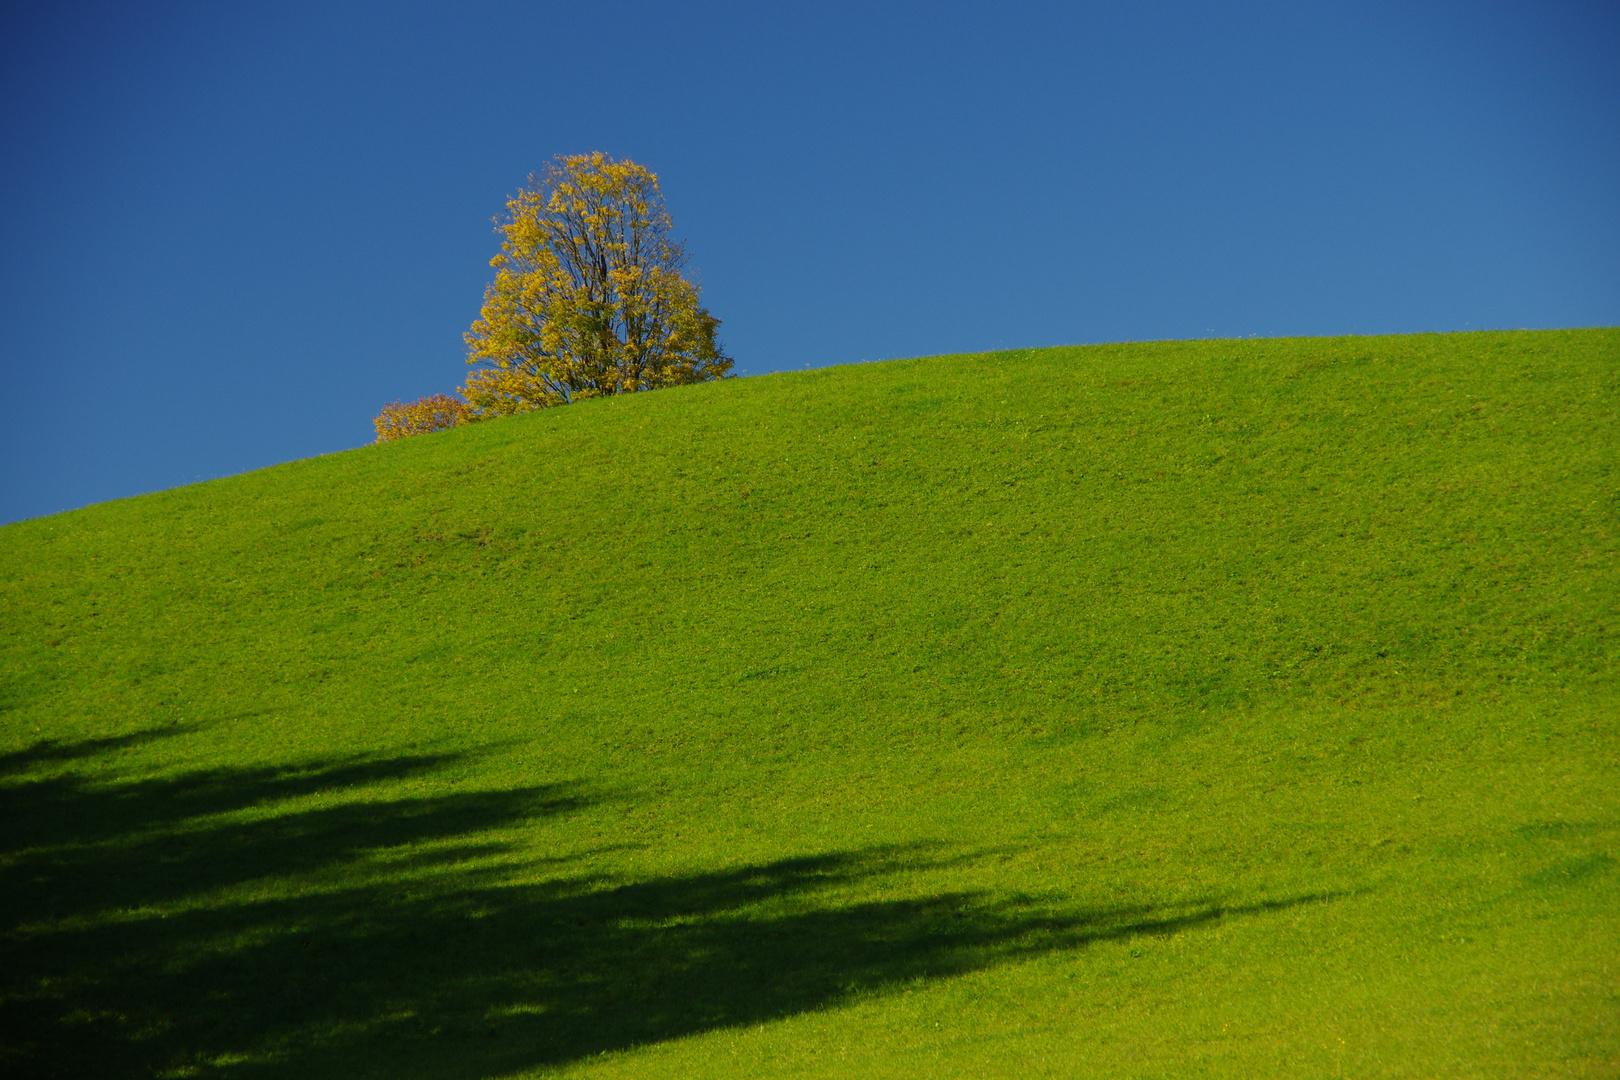 Herbst am Horizont